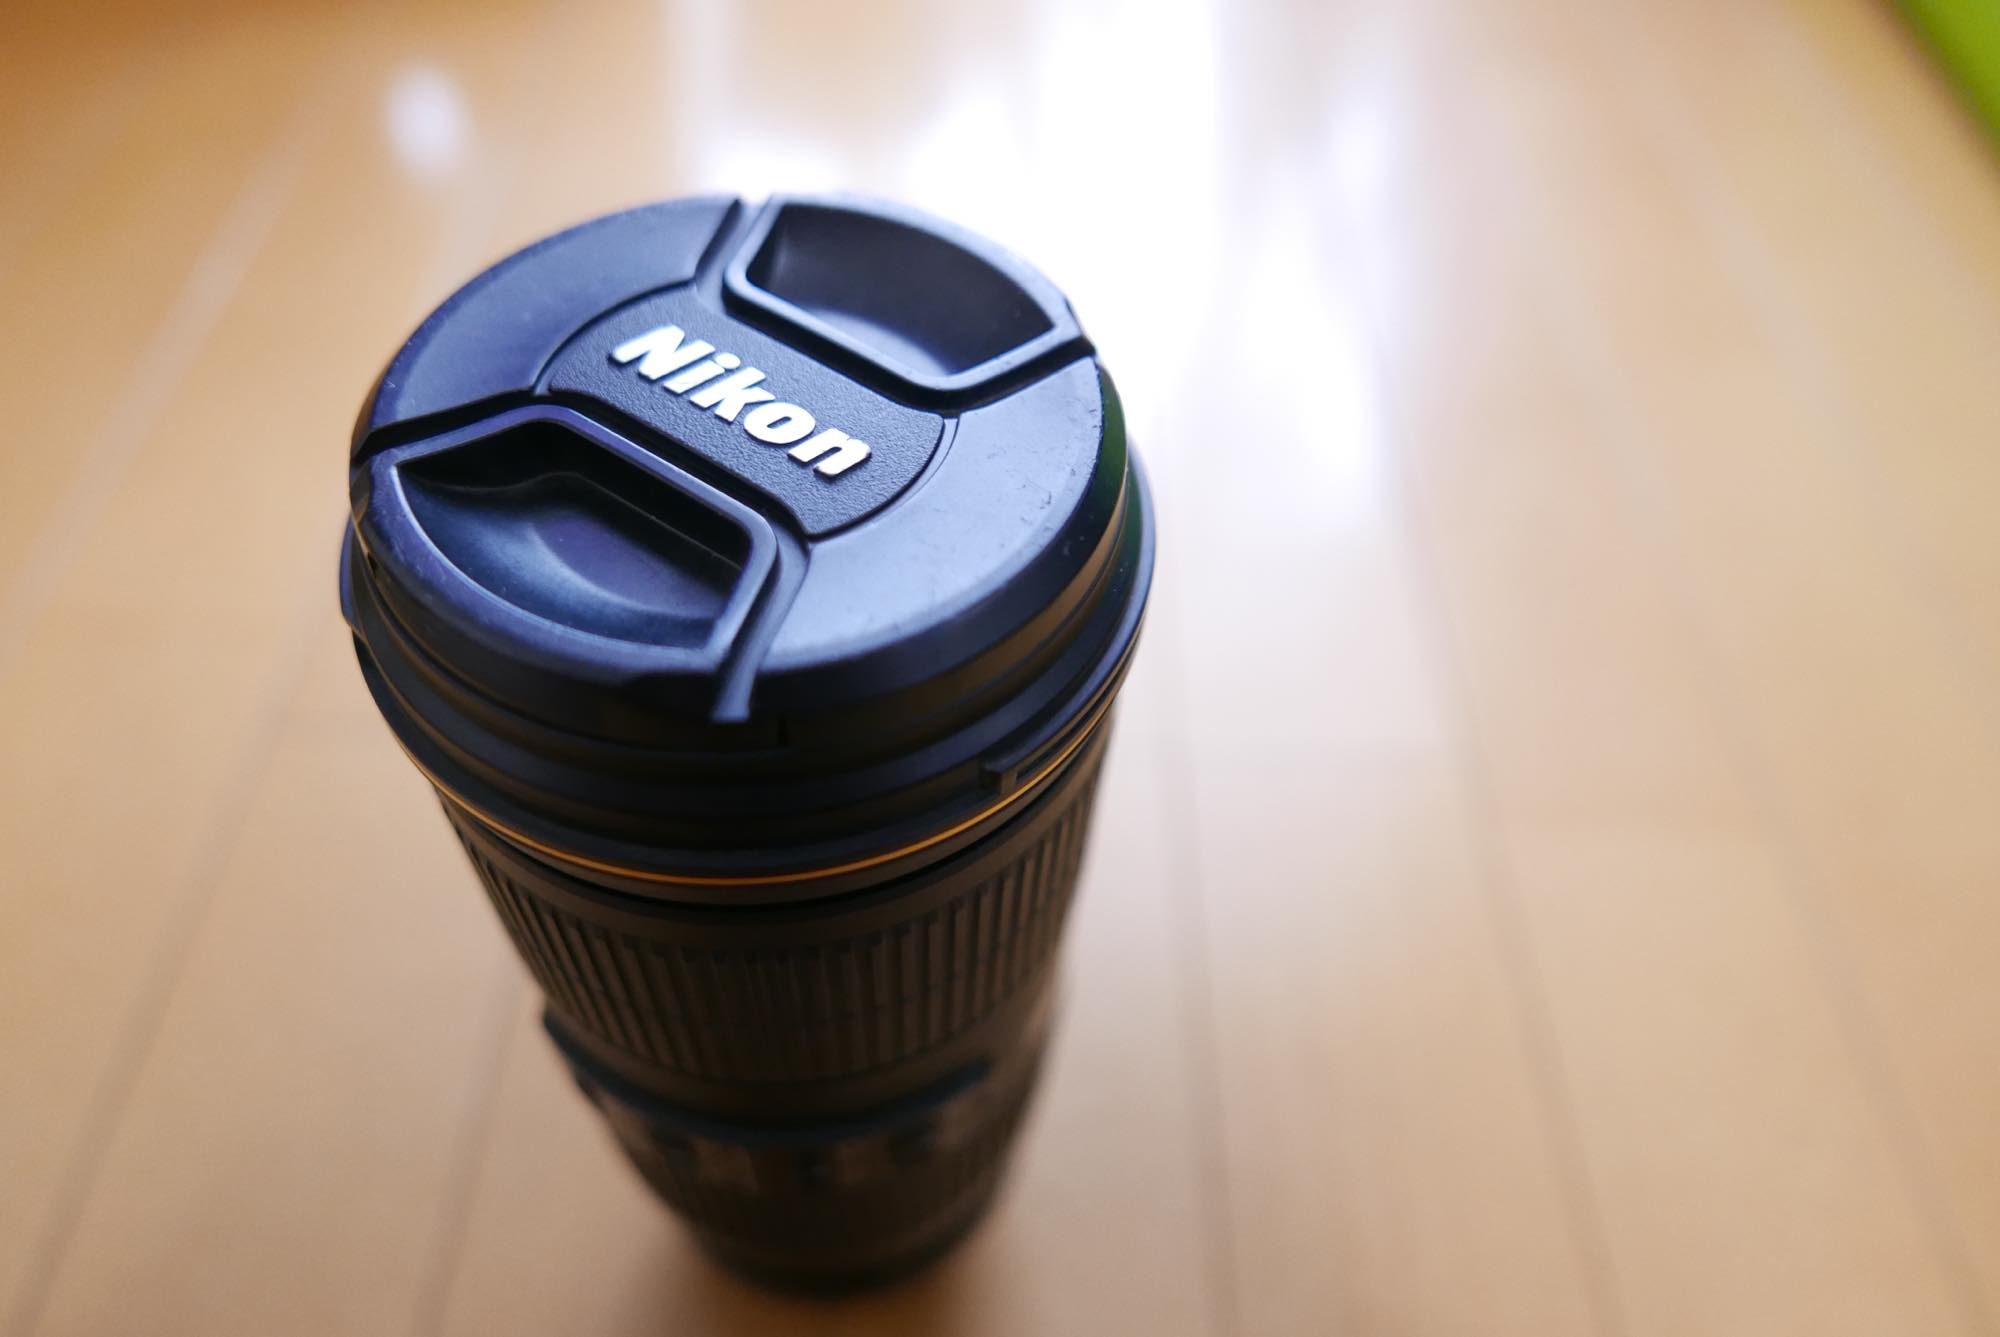 70-200mm f/4G ED VR売却。君に悪いところはどこもなかったよ。